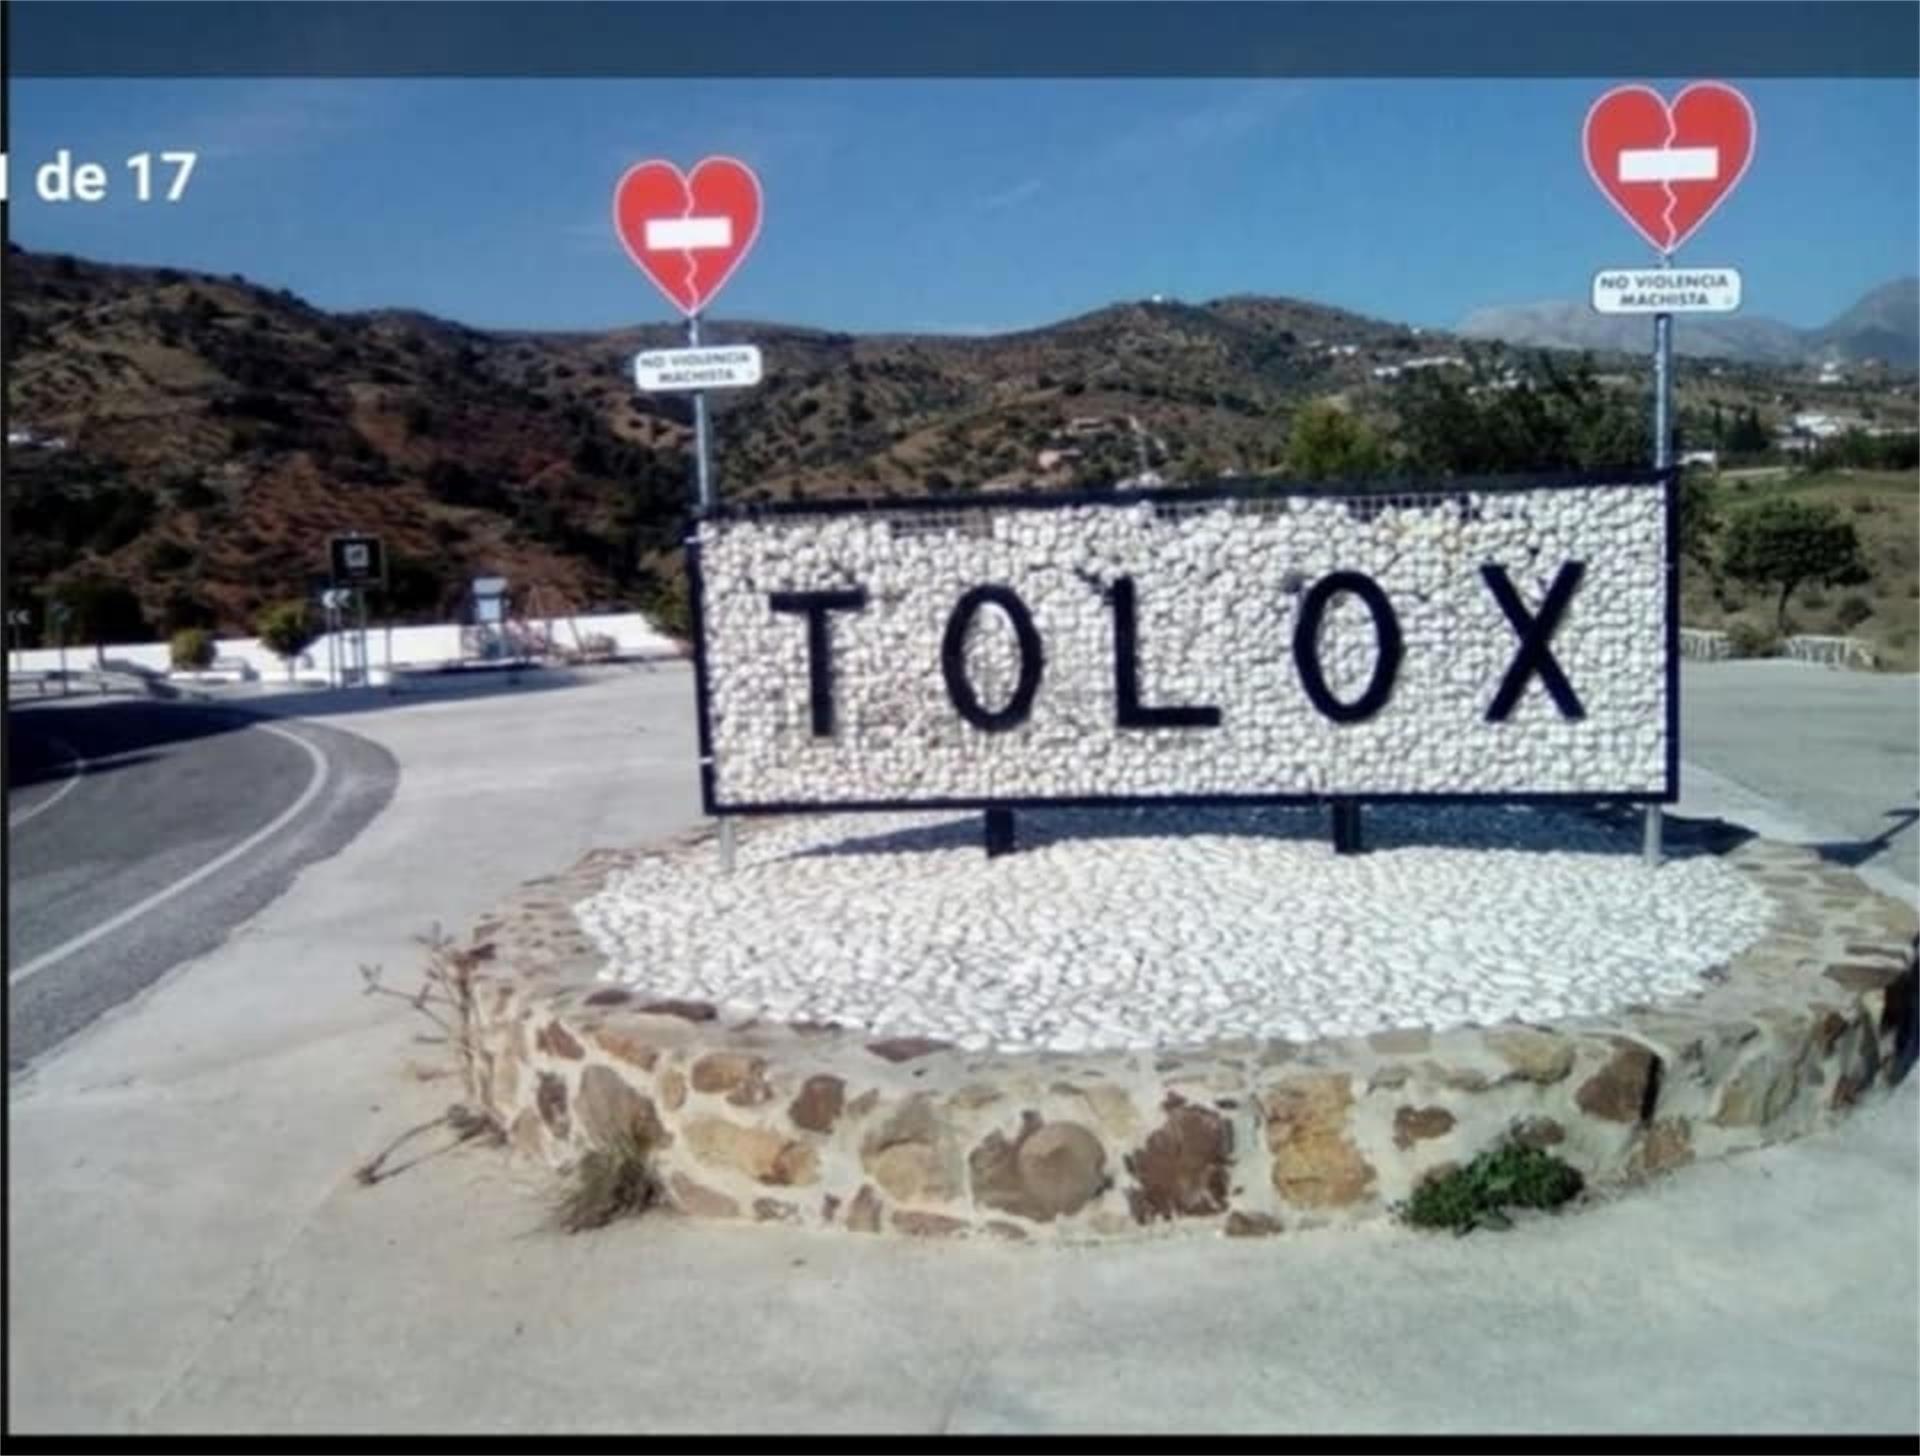 Piso de alquiler en Avenida San Roque, 27, Tolox (Tolox, Málaga)